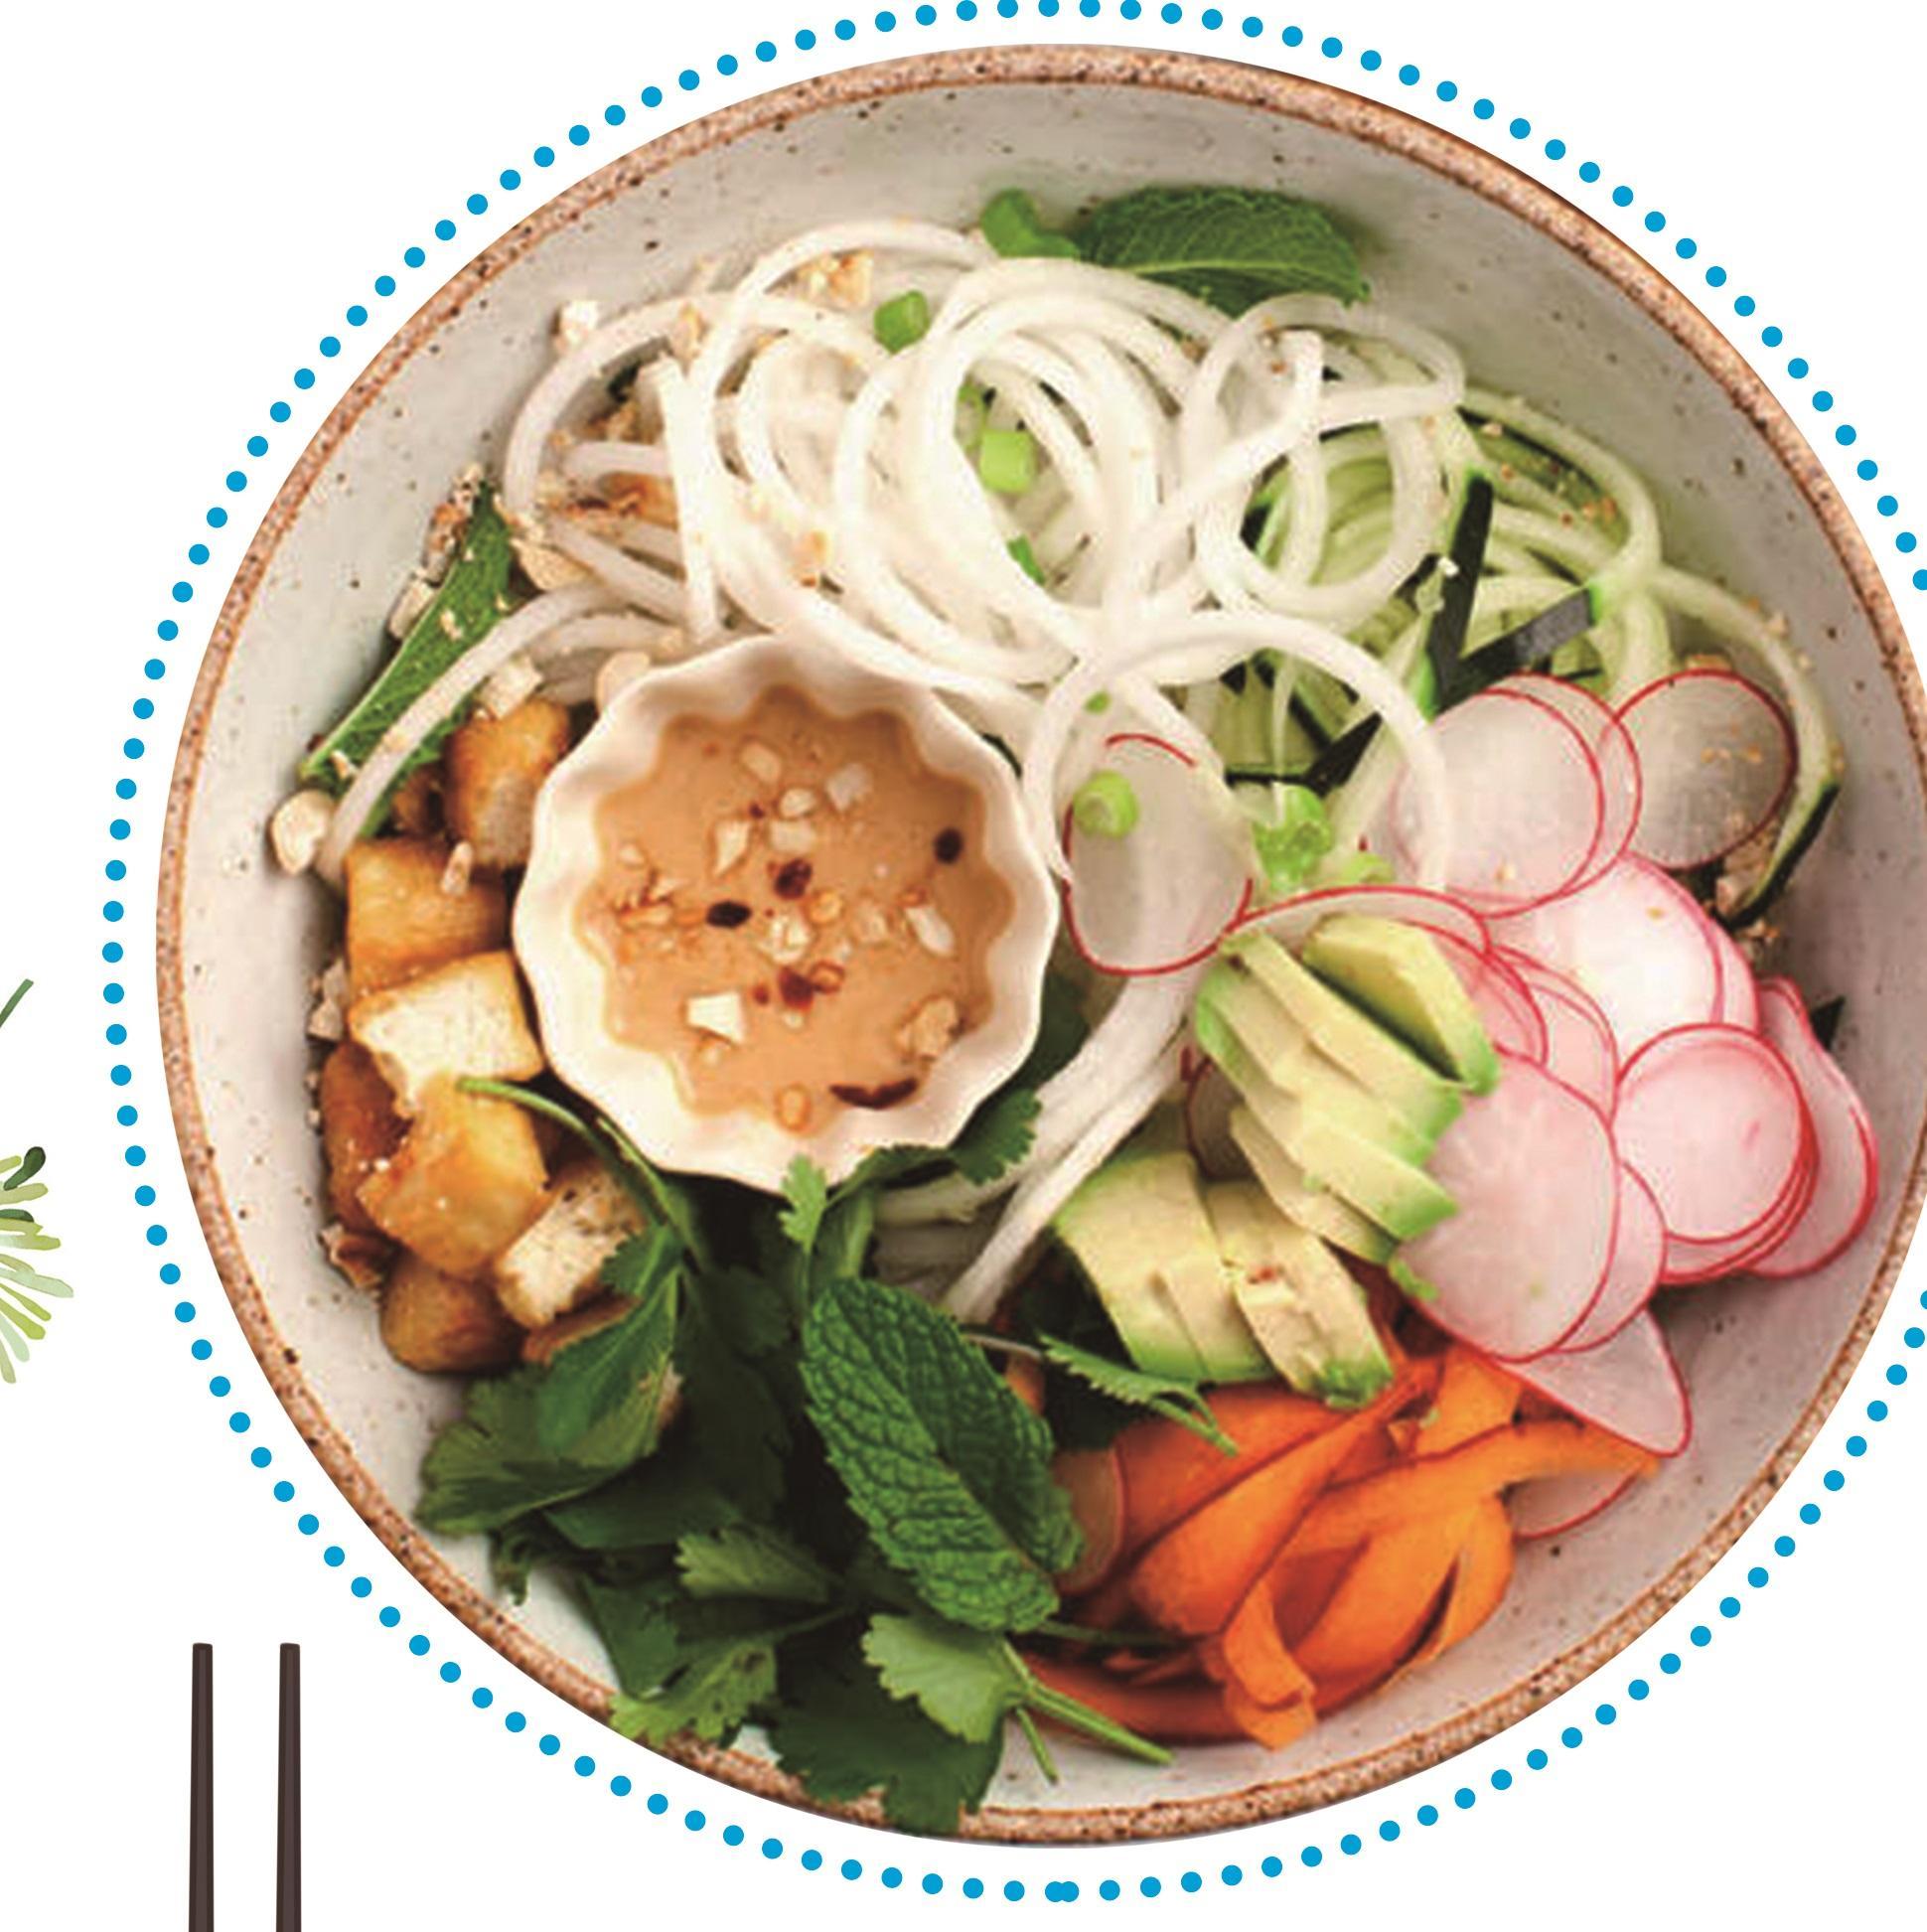 美團發布《中國輕食外賣消費報告》:輕食受到越來越多消費者的歡迎